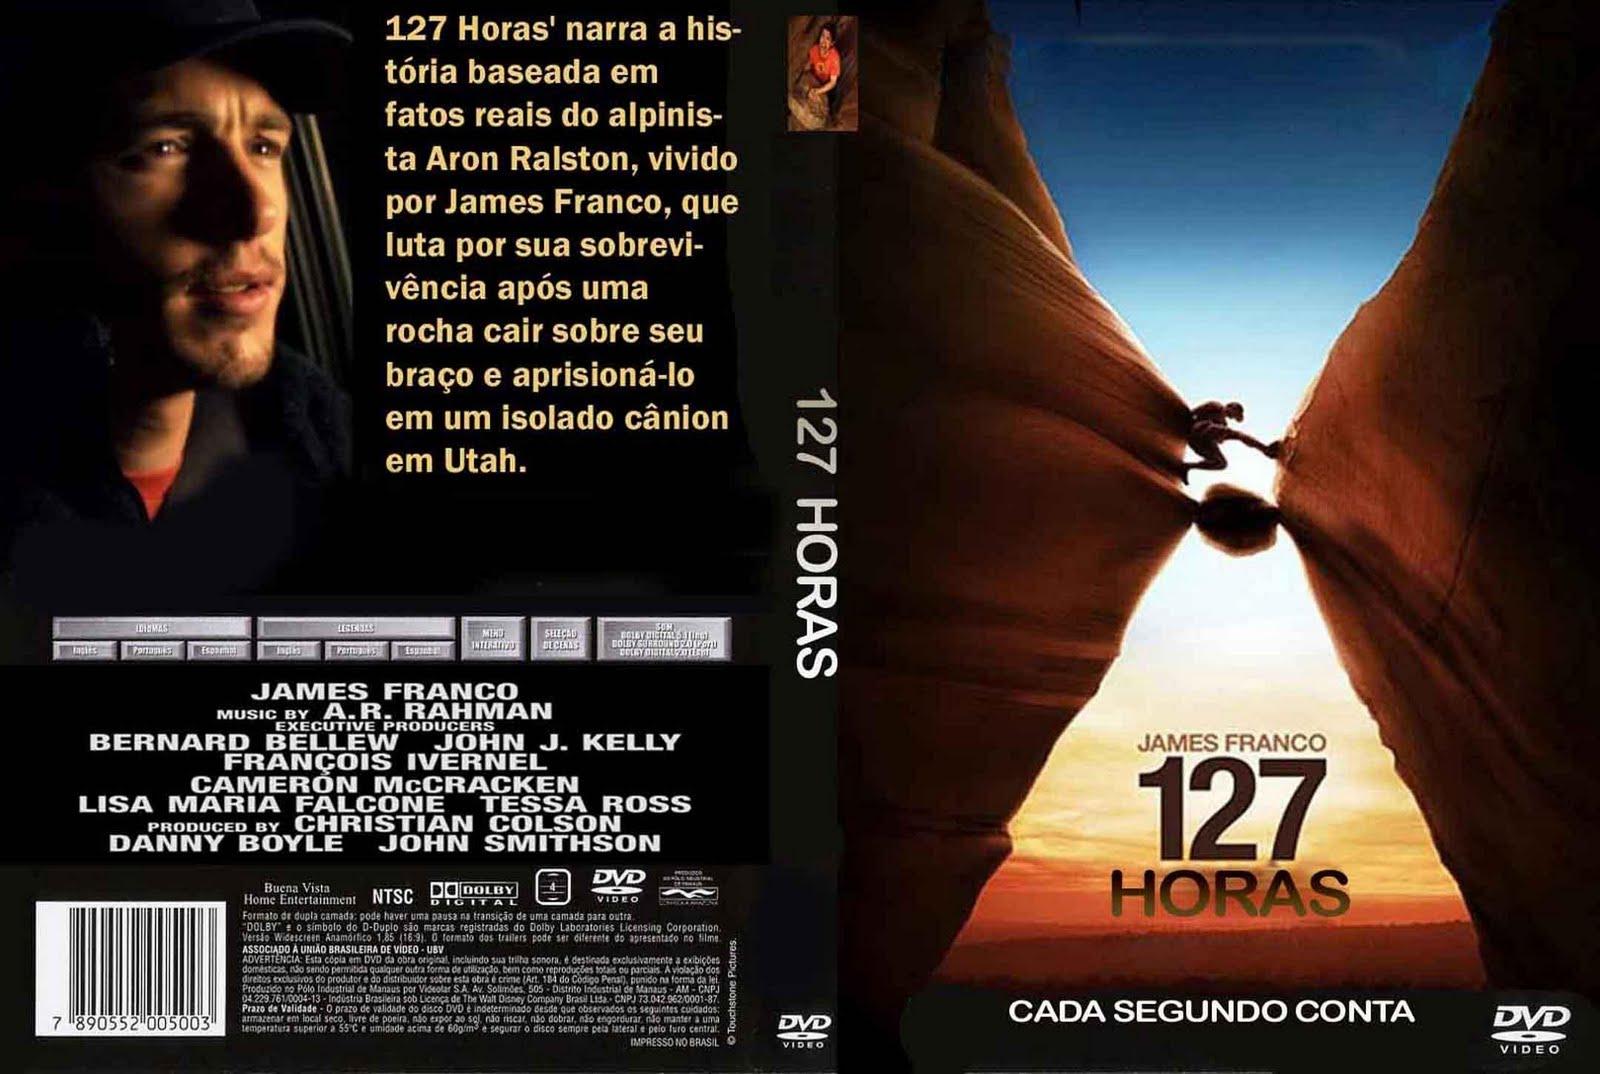 127 horas 2010 dublado ptbr - 2 2